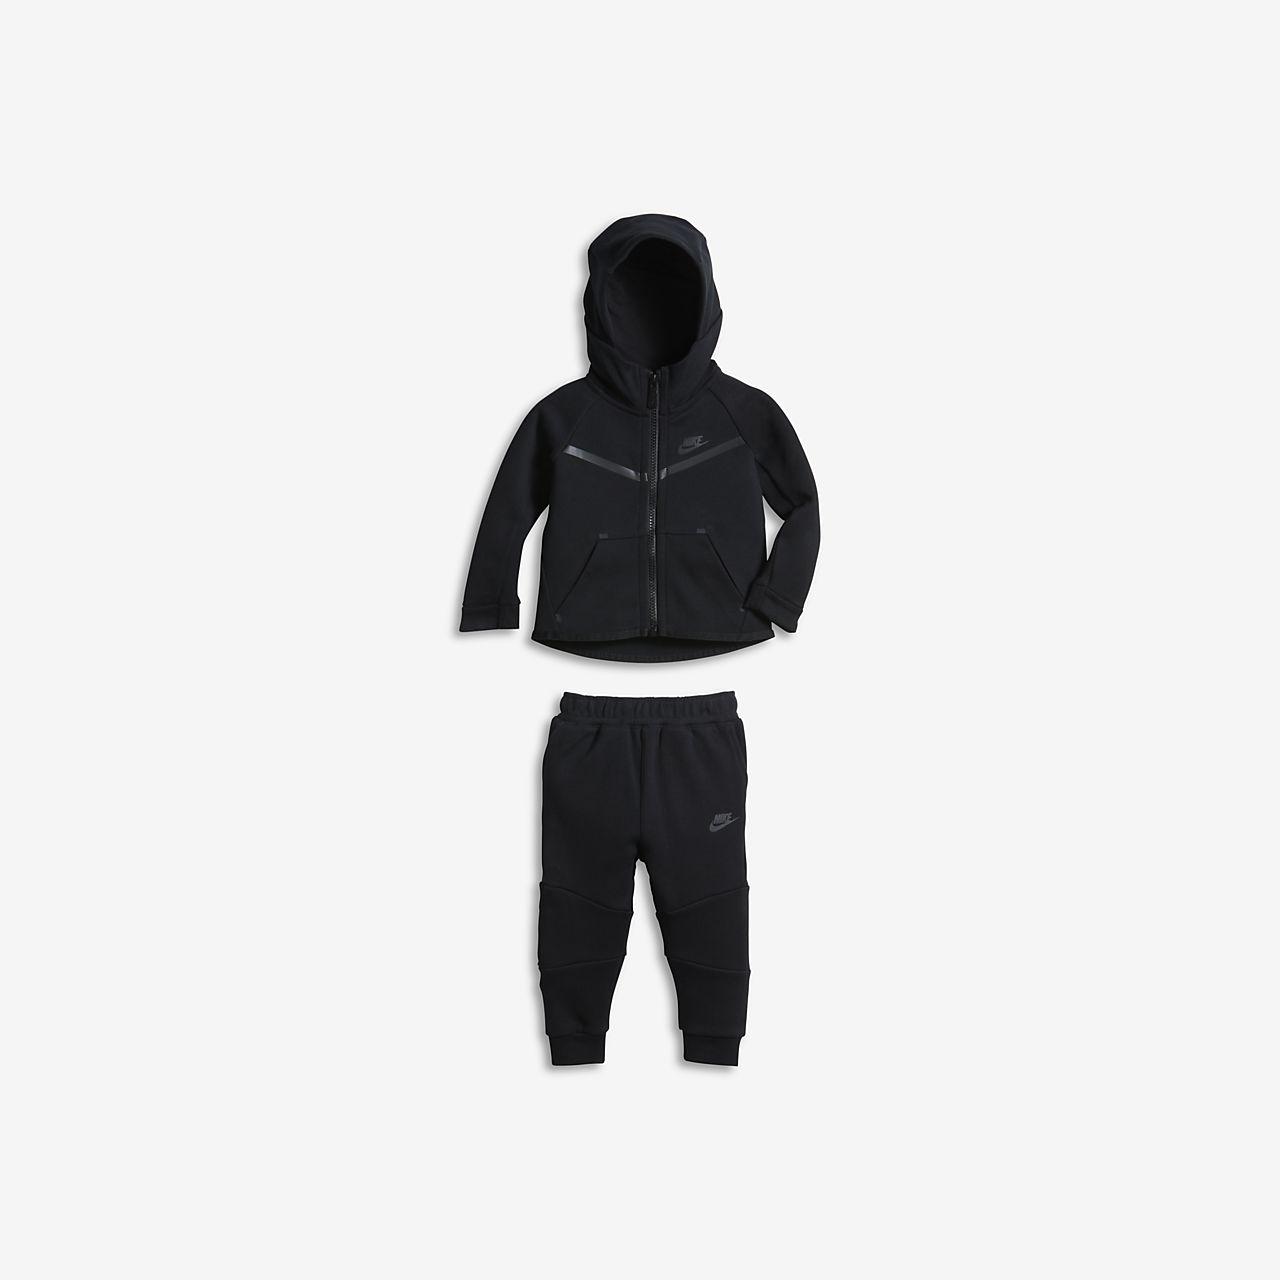 Σετ 2 τεμαχίων Nike Tech Fleece για βρέφη